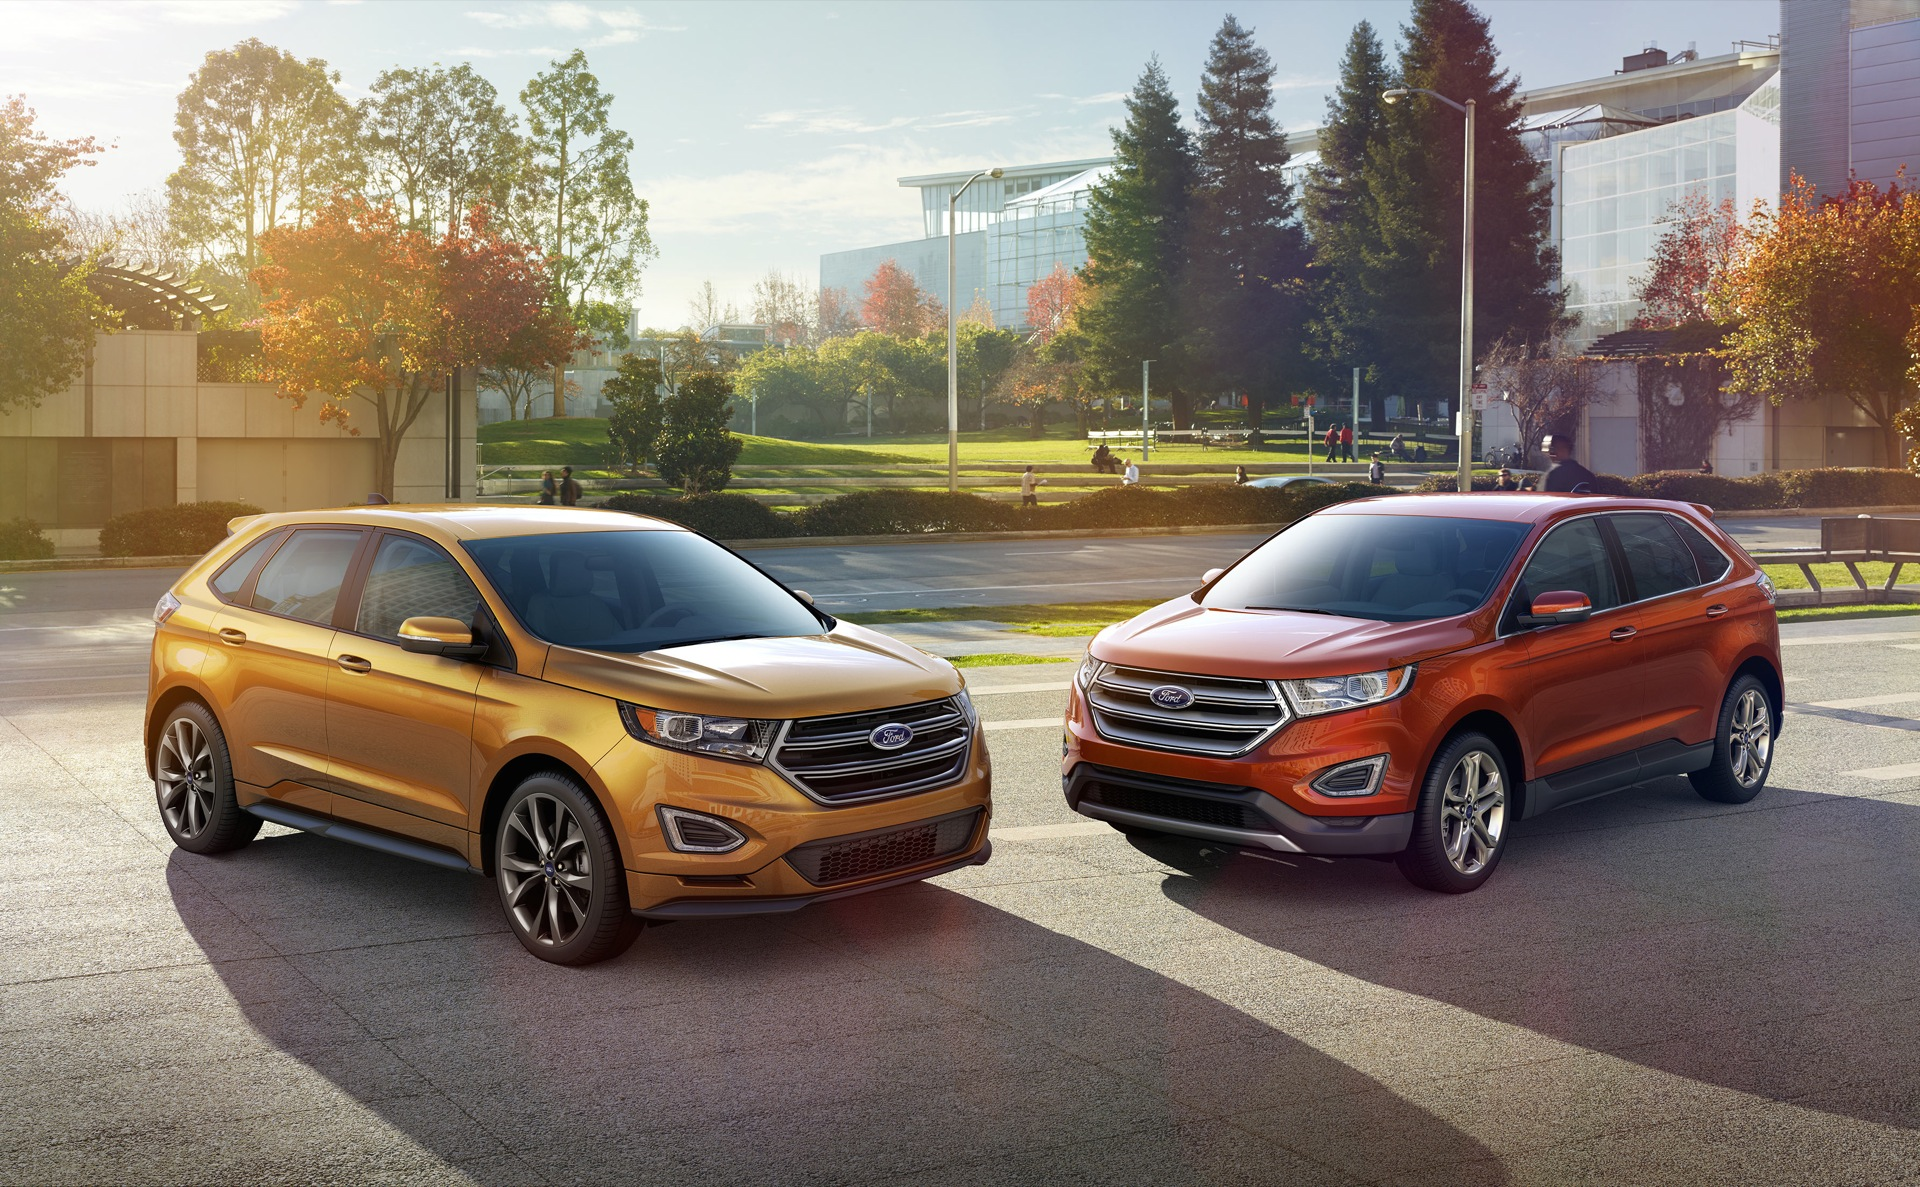 Ford Edge Vs Escape >> 2015 Ford Edge First Drive